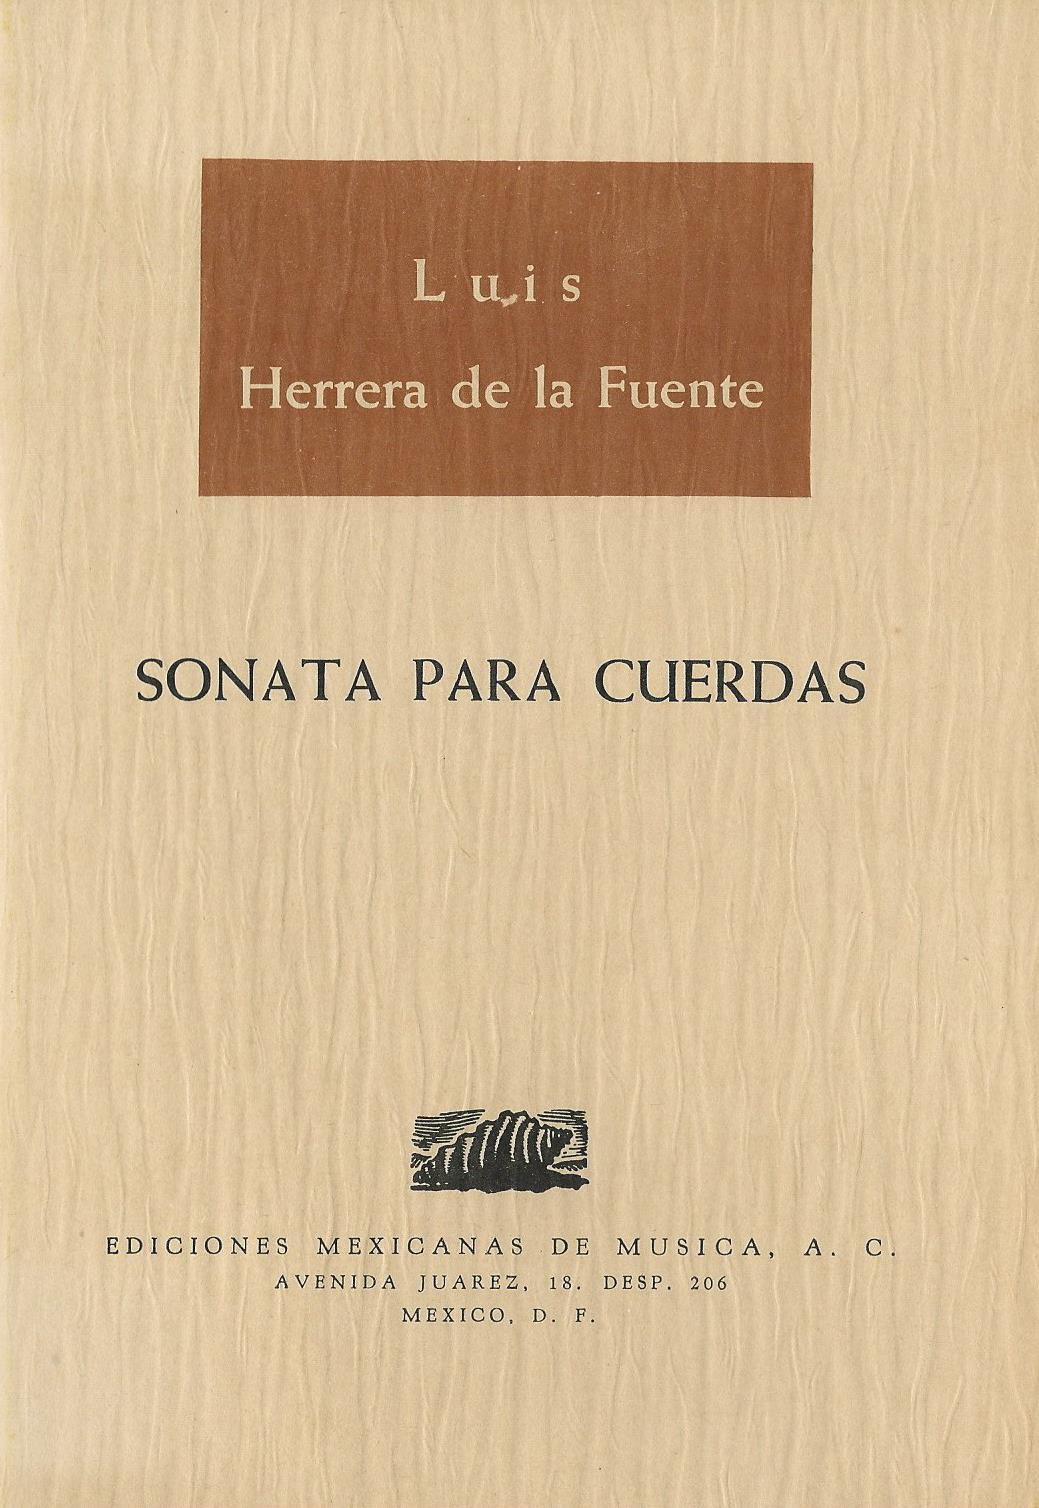 HERRERA DE LA FUENTE - Sonata para cuerdas 01.jpg